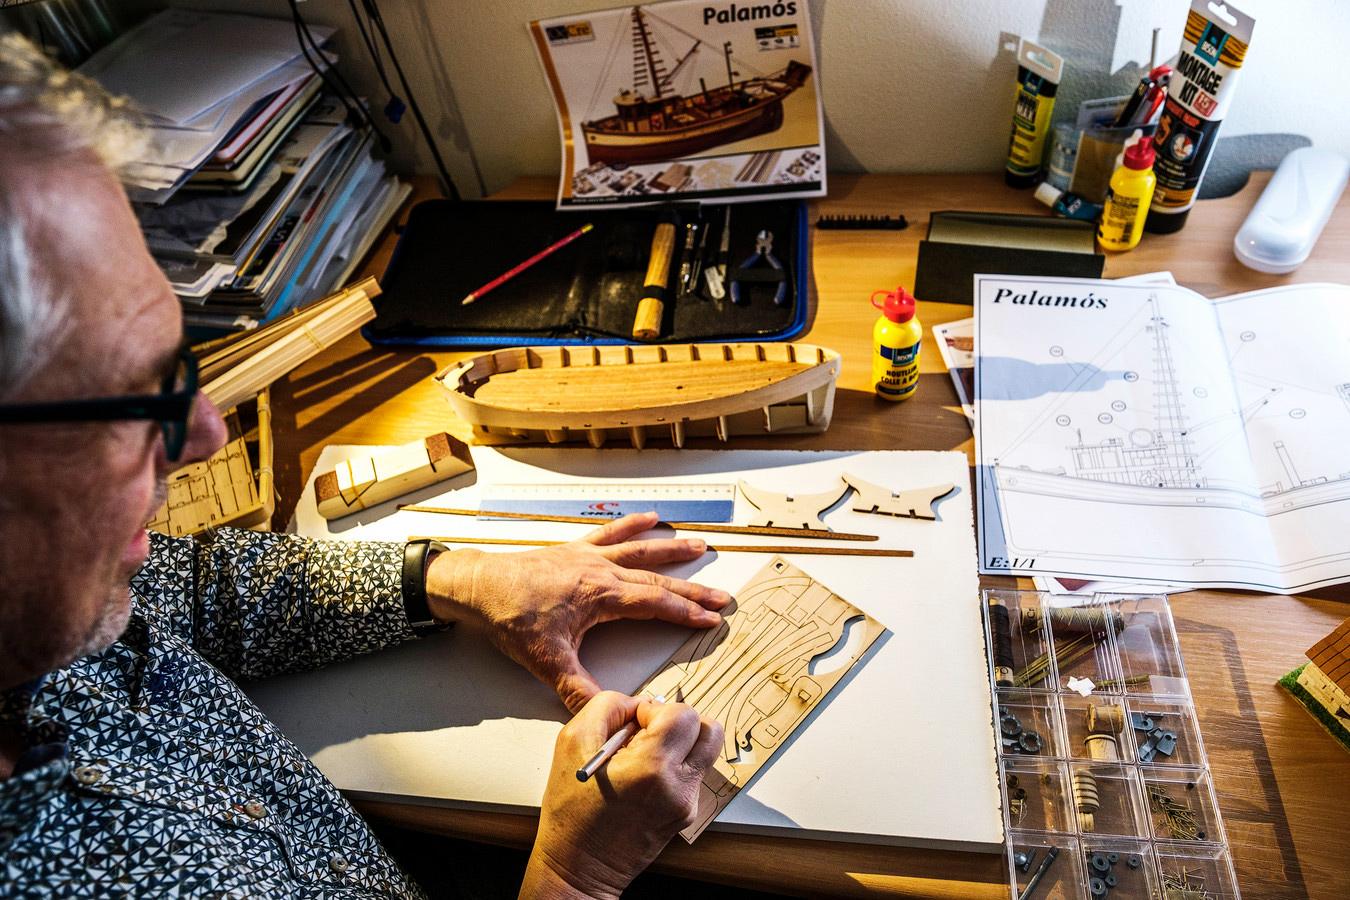 Modelbouw als hobby is een groot succes tijdens deze lockdown: Harry de Haan kreeg een pakket van zijn lieve vrouw voor zijn 60e verjaardag. © Marlies Wessels